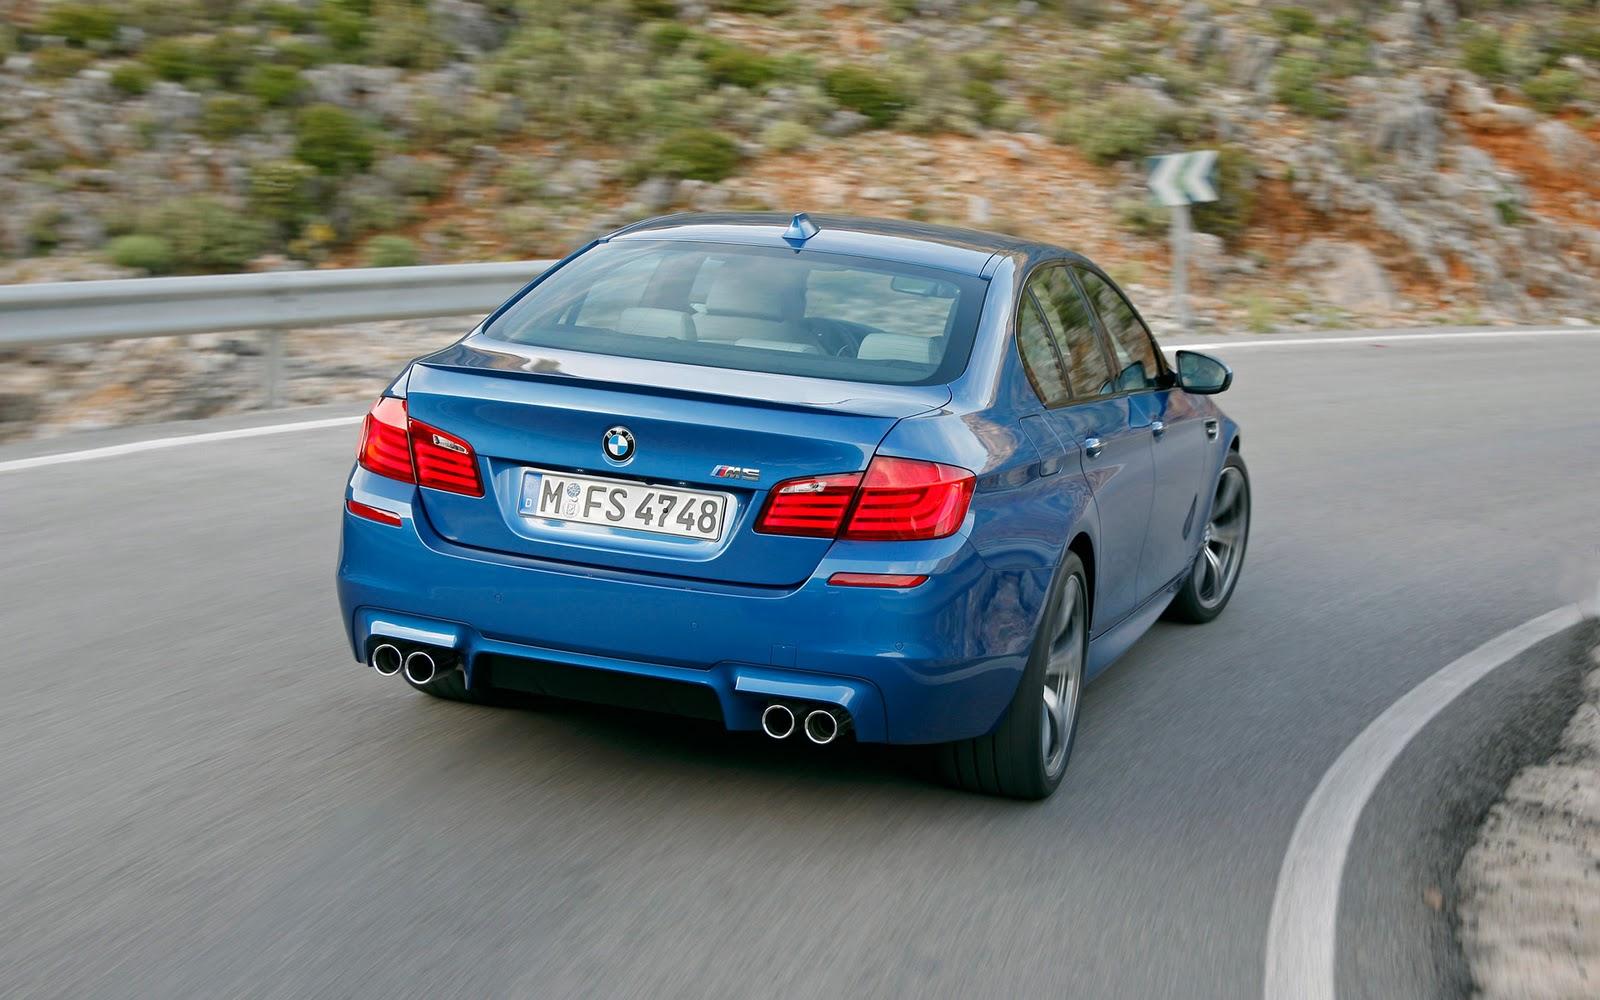 http://1.bp.blogspot.com/-1Xrvca-uLRk/TuJUFe7QGQI/AAAAAAAABsY/h8RikPktnY0/s1600/BMW-M5-F10-Rear-View_1920x1200_6844.jpg